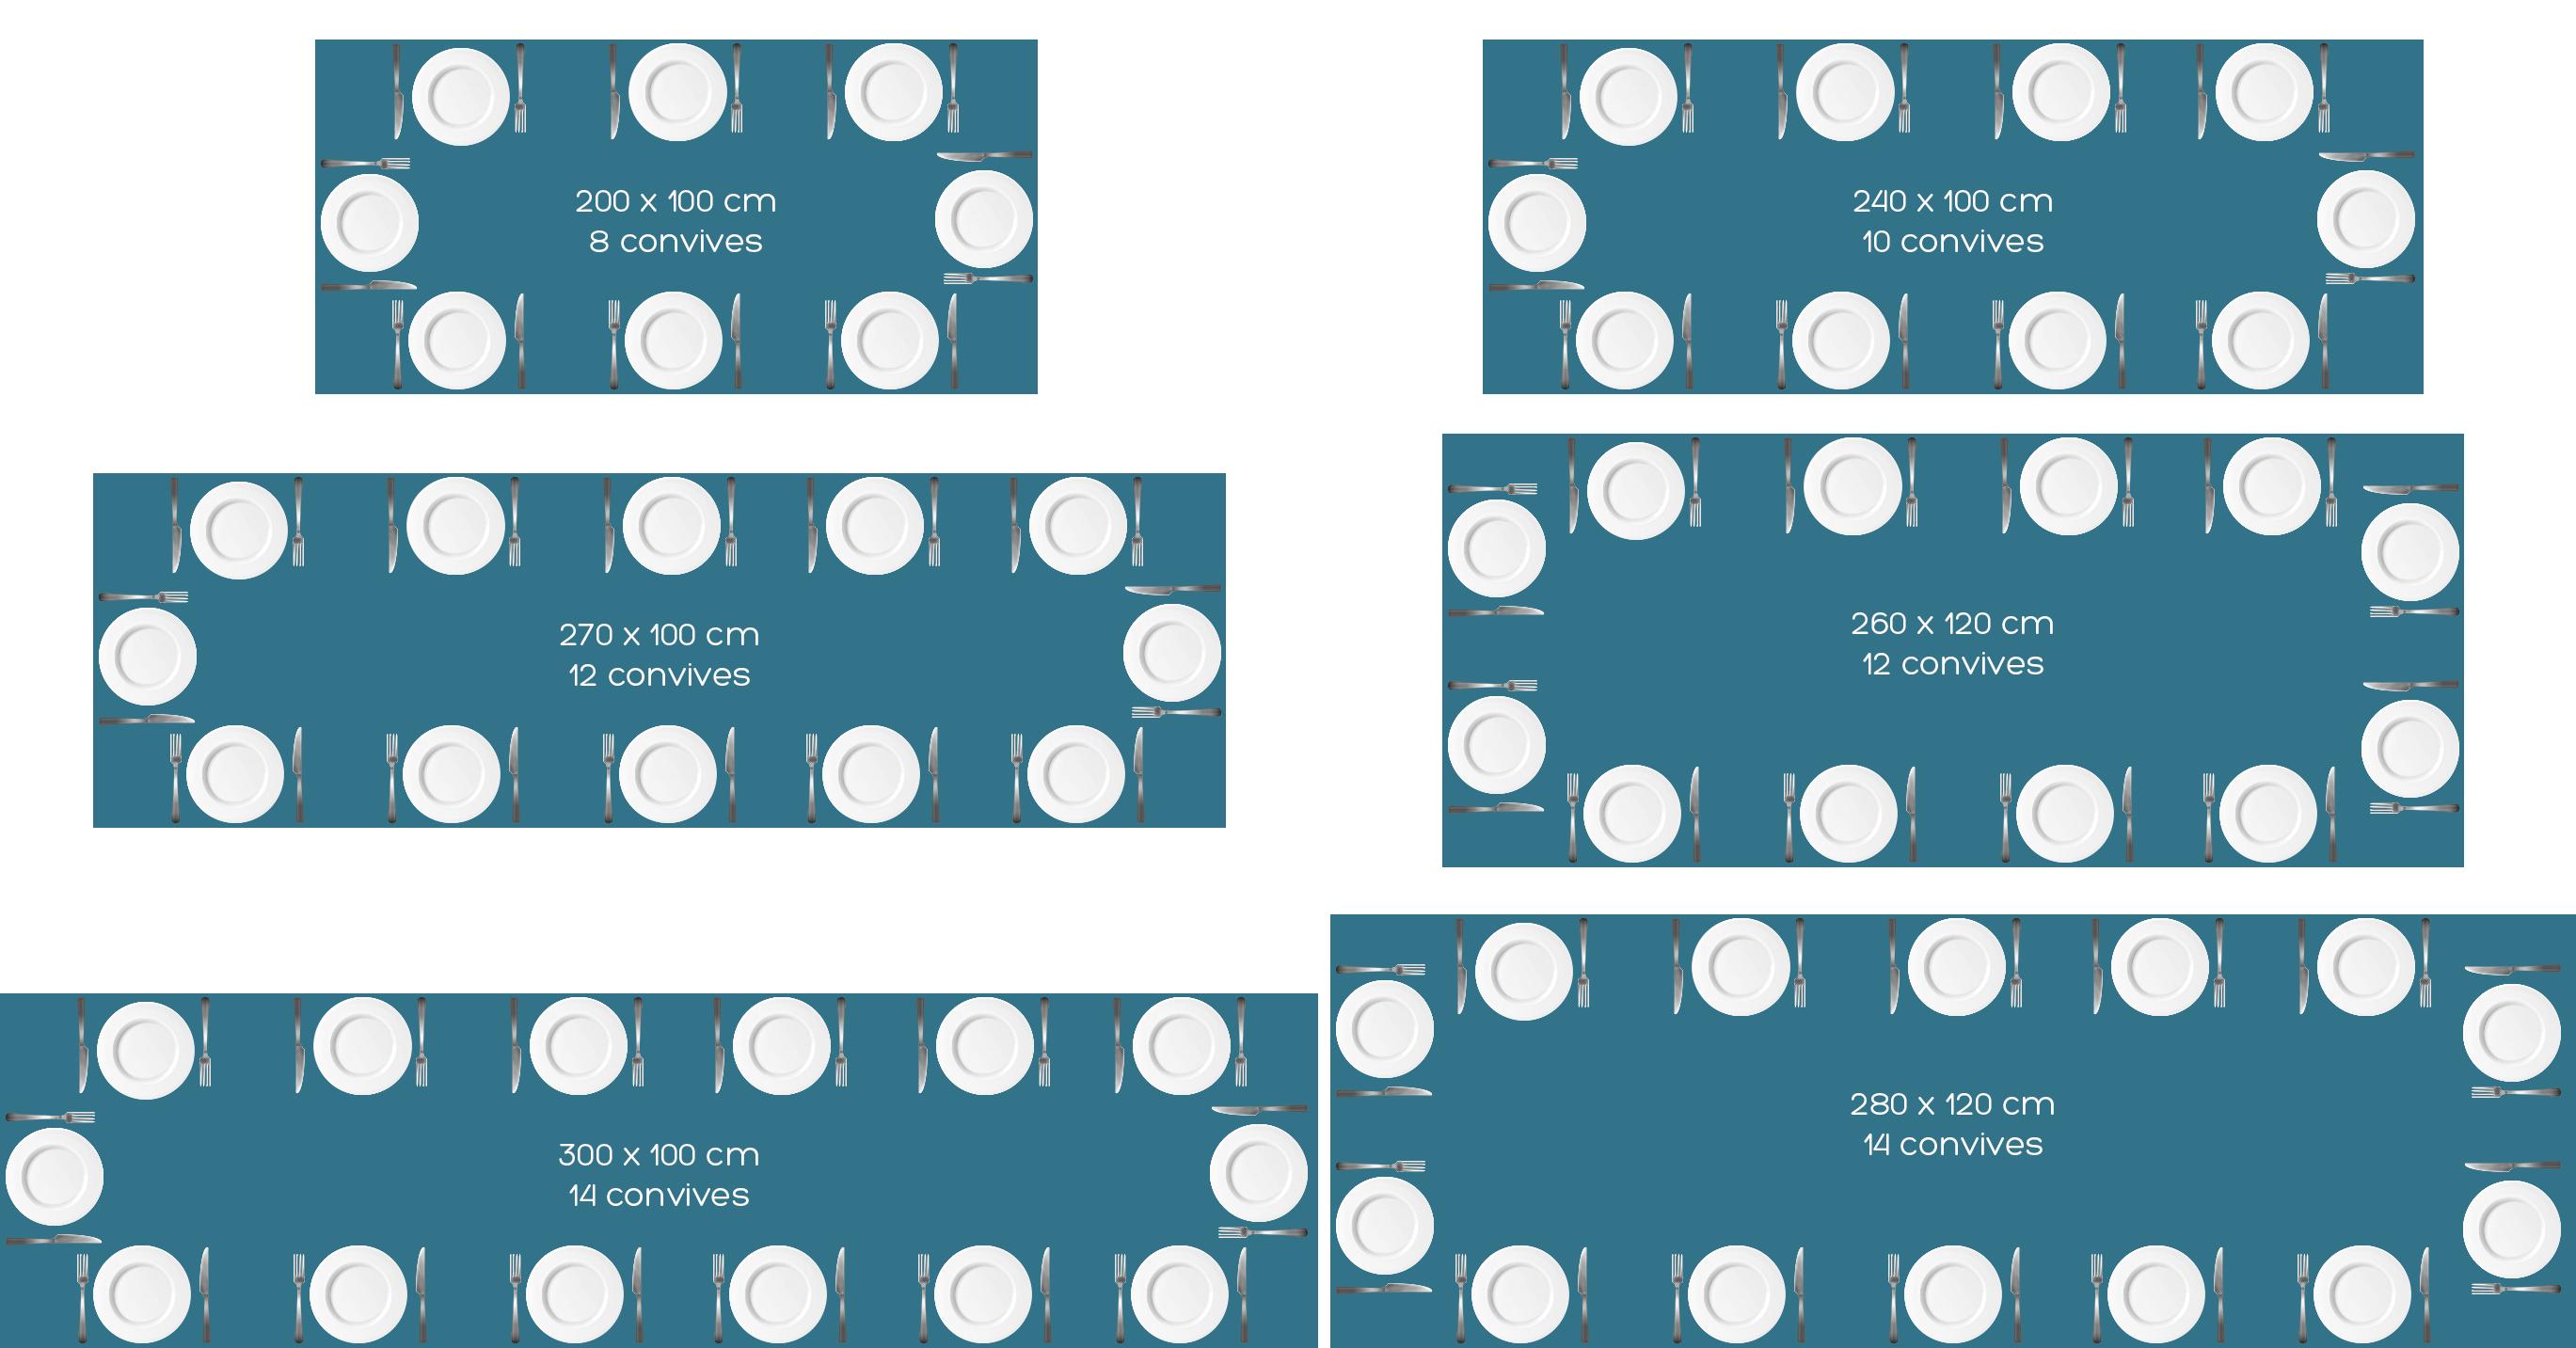 Table rectangulaire : quelle dimension choisir ?